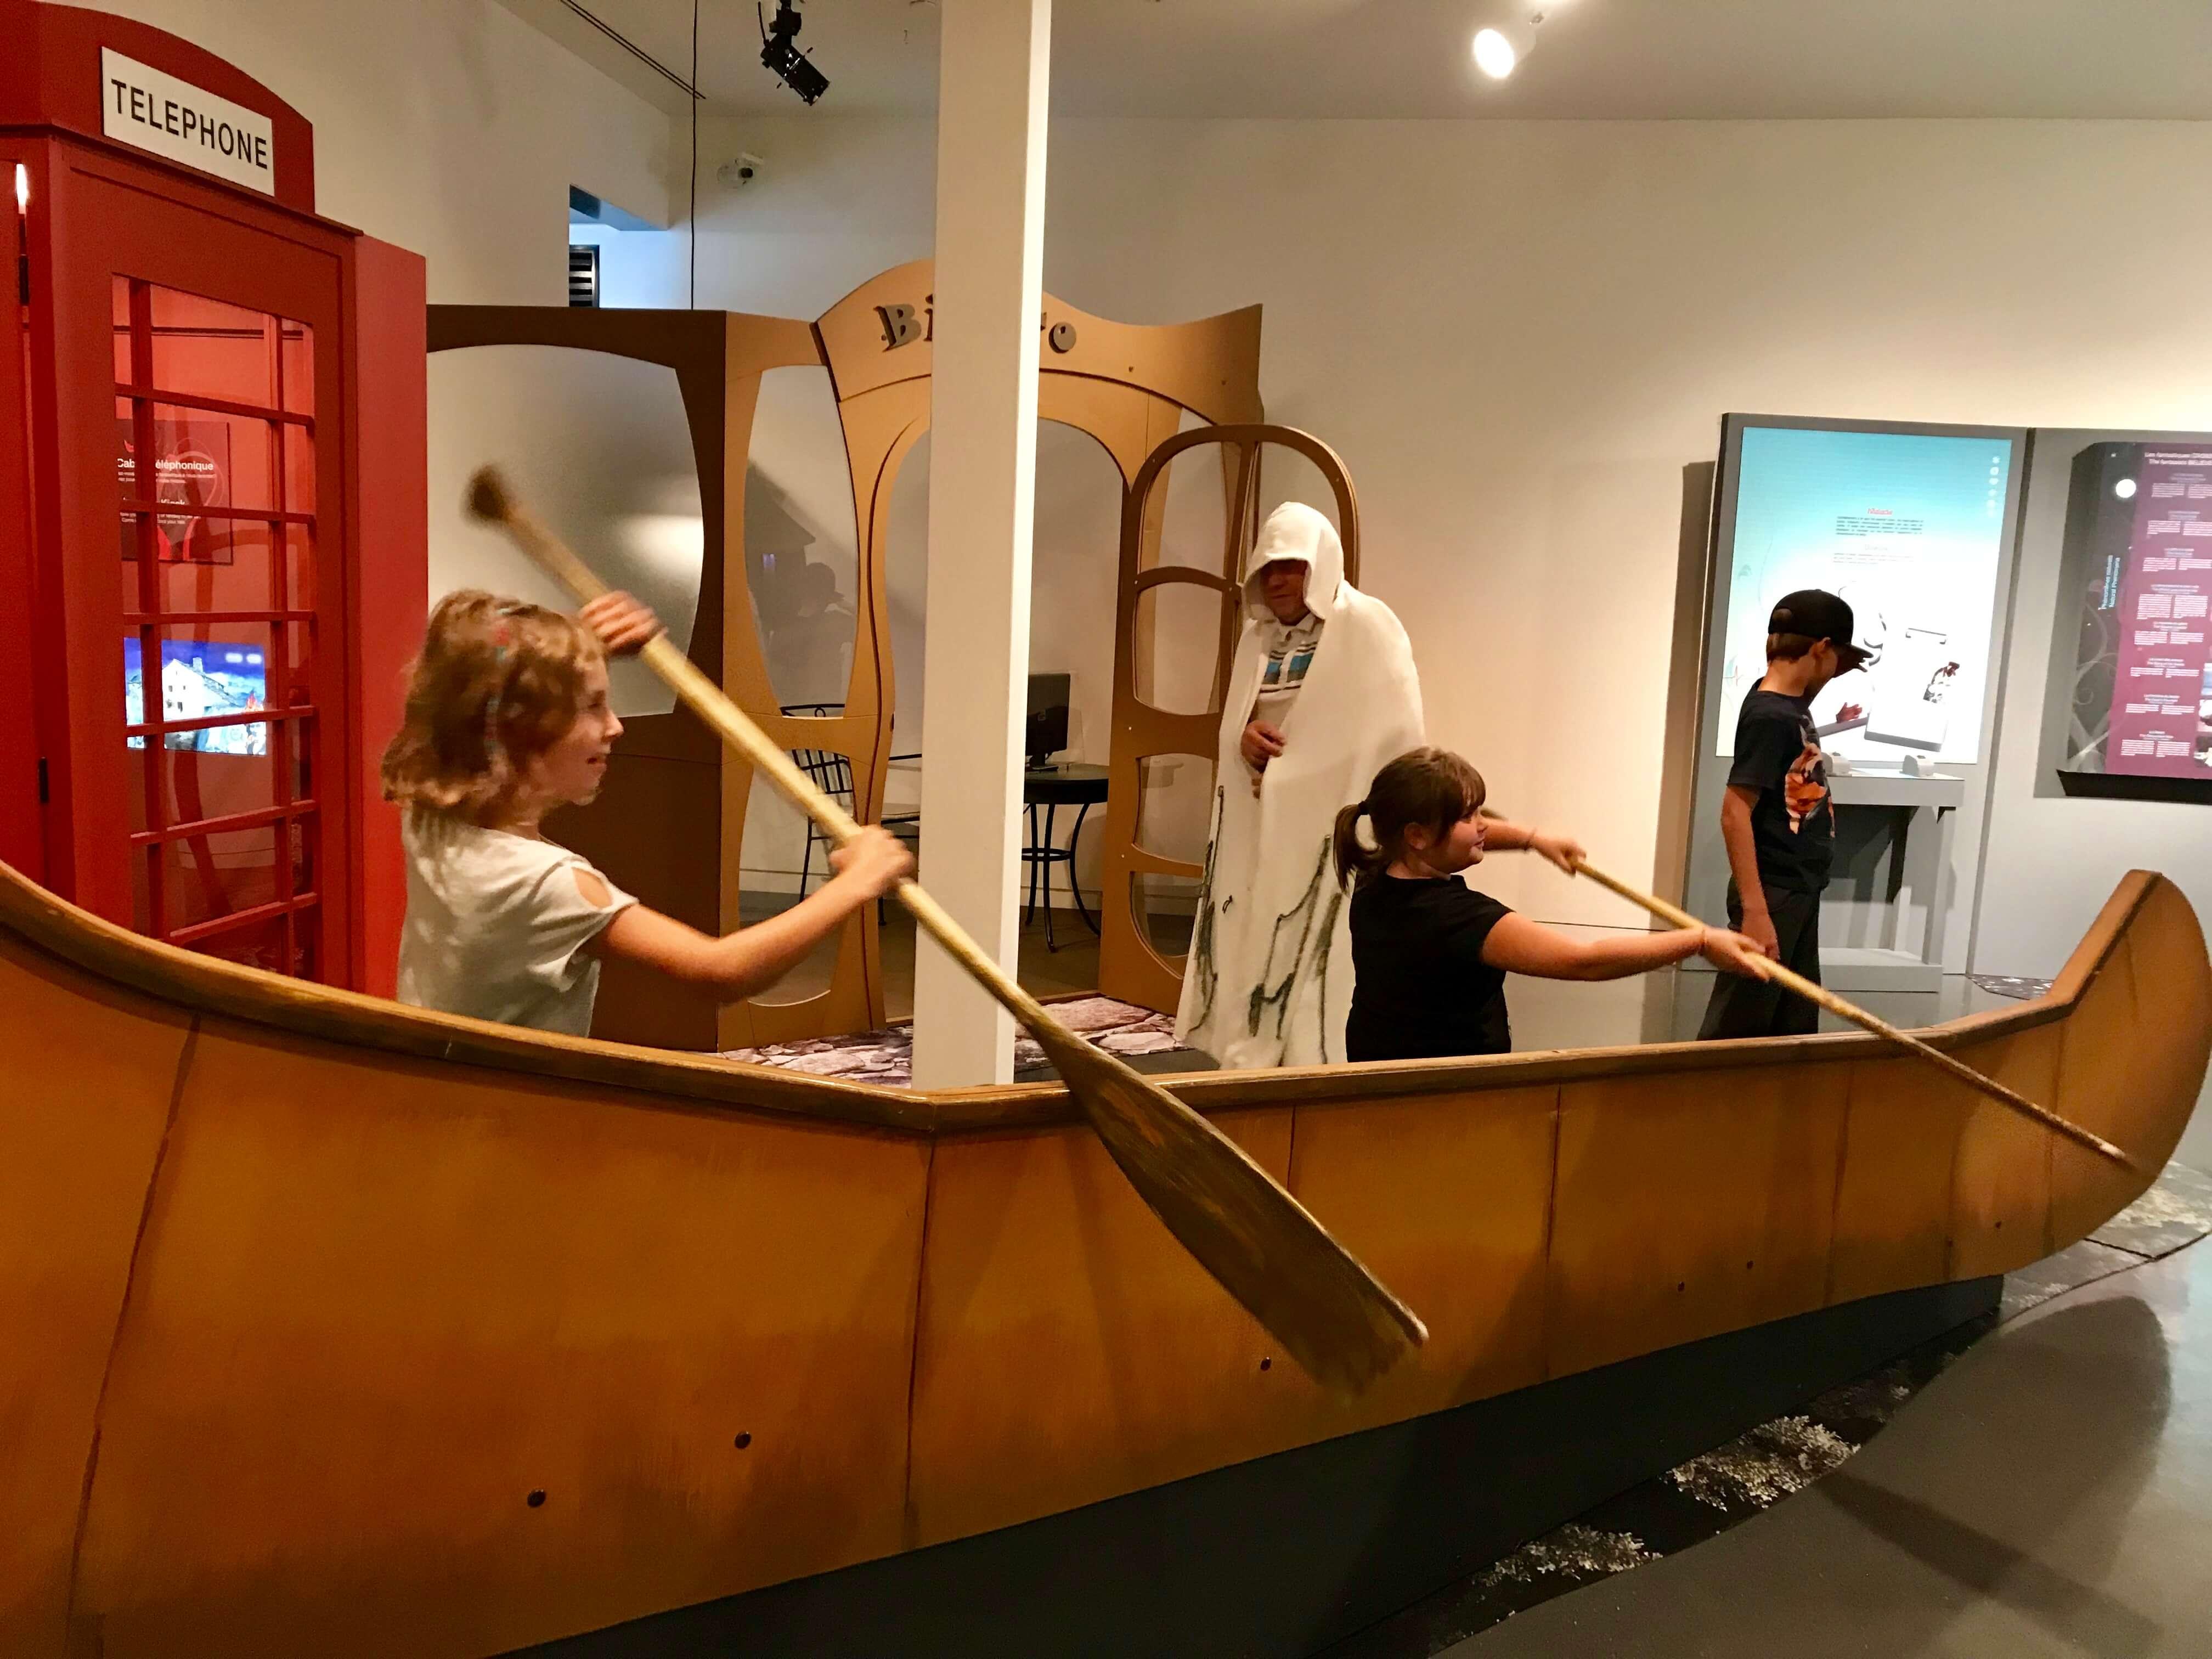 exposition mythes et légendes musée régional rimouski